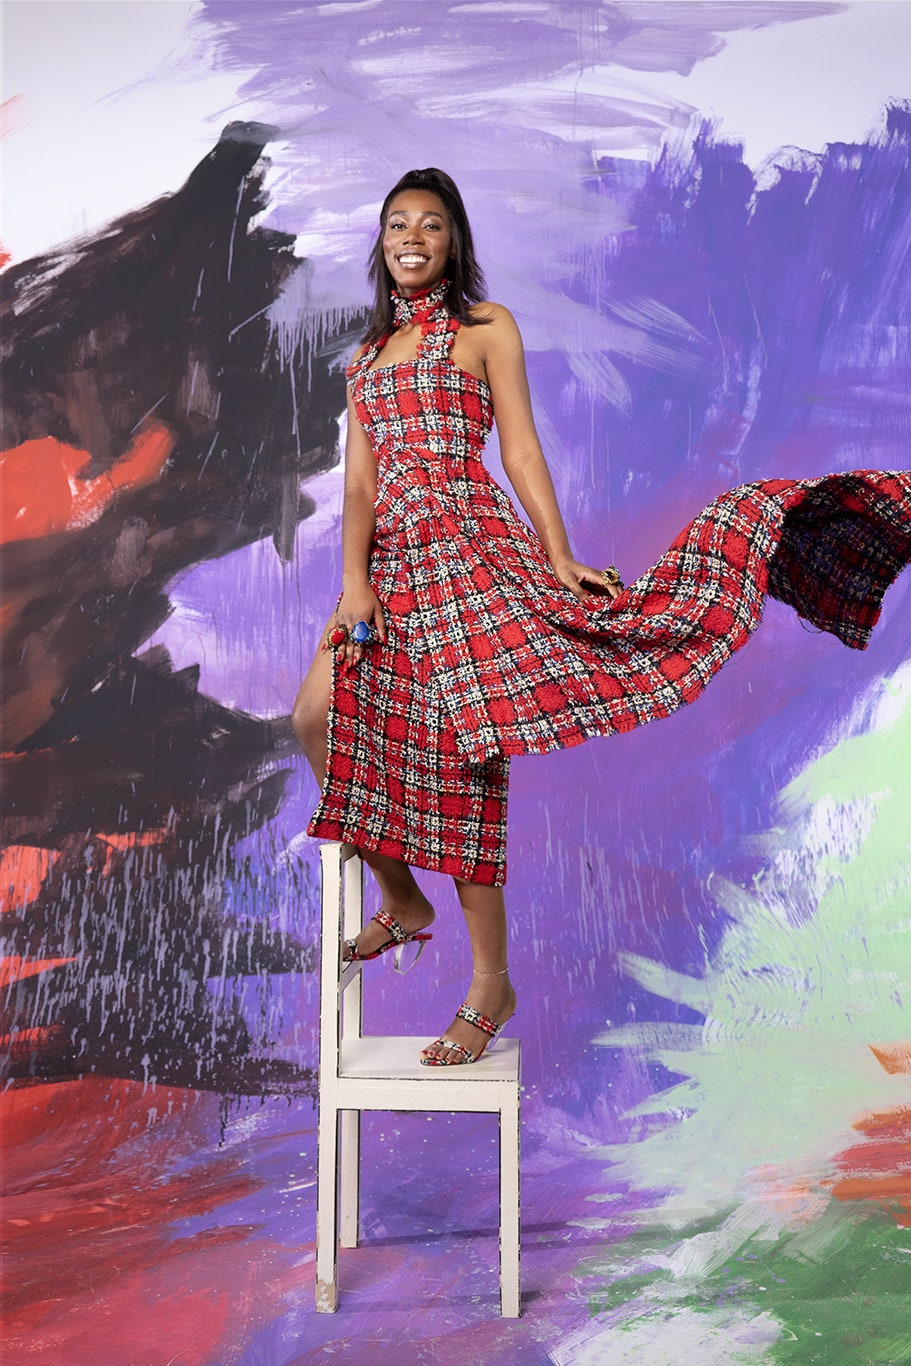 Неделя моды в Лондоне: «Делать сейчас реальный показ — подход устаревший», — Майкл Халперн о своей коллекции весна-лето 2021